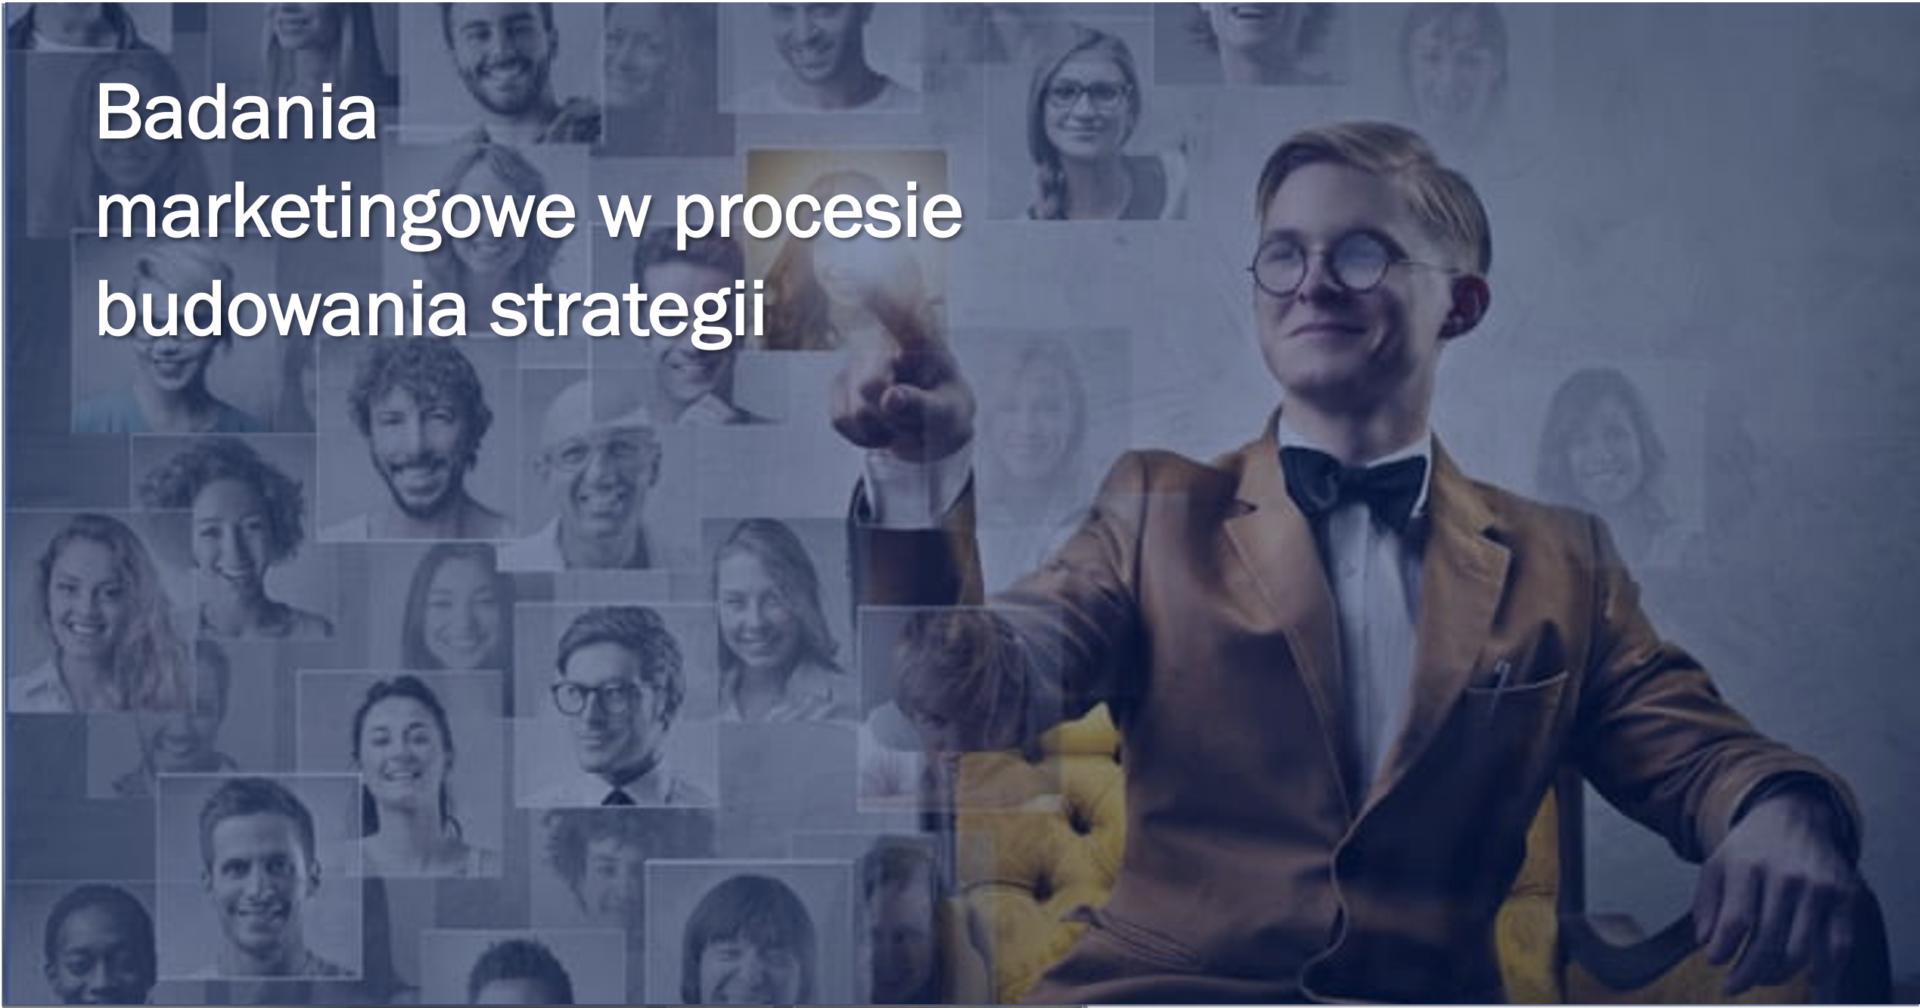 Badania marketingowe w procesie budowania strategii